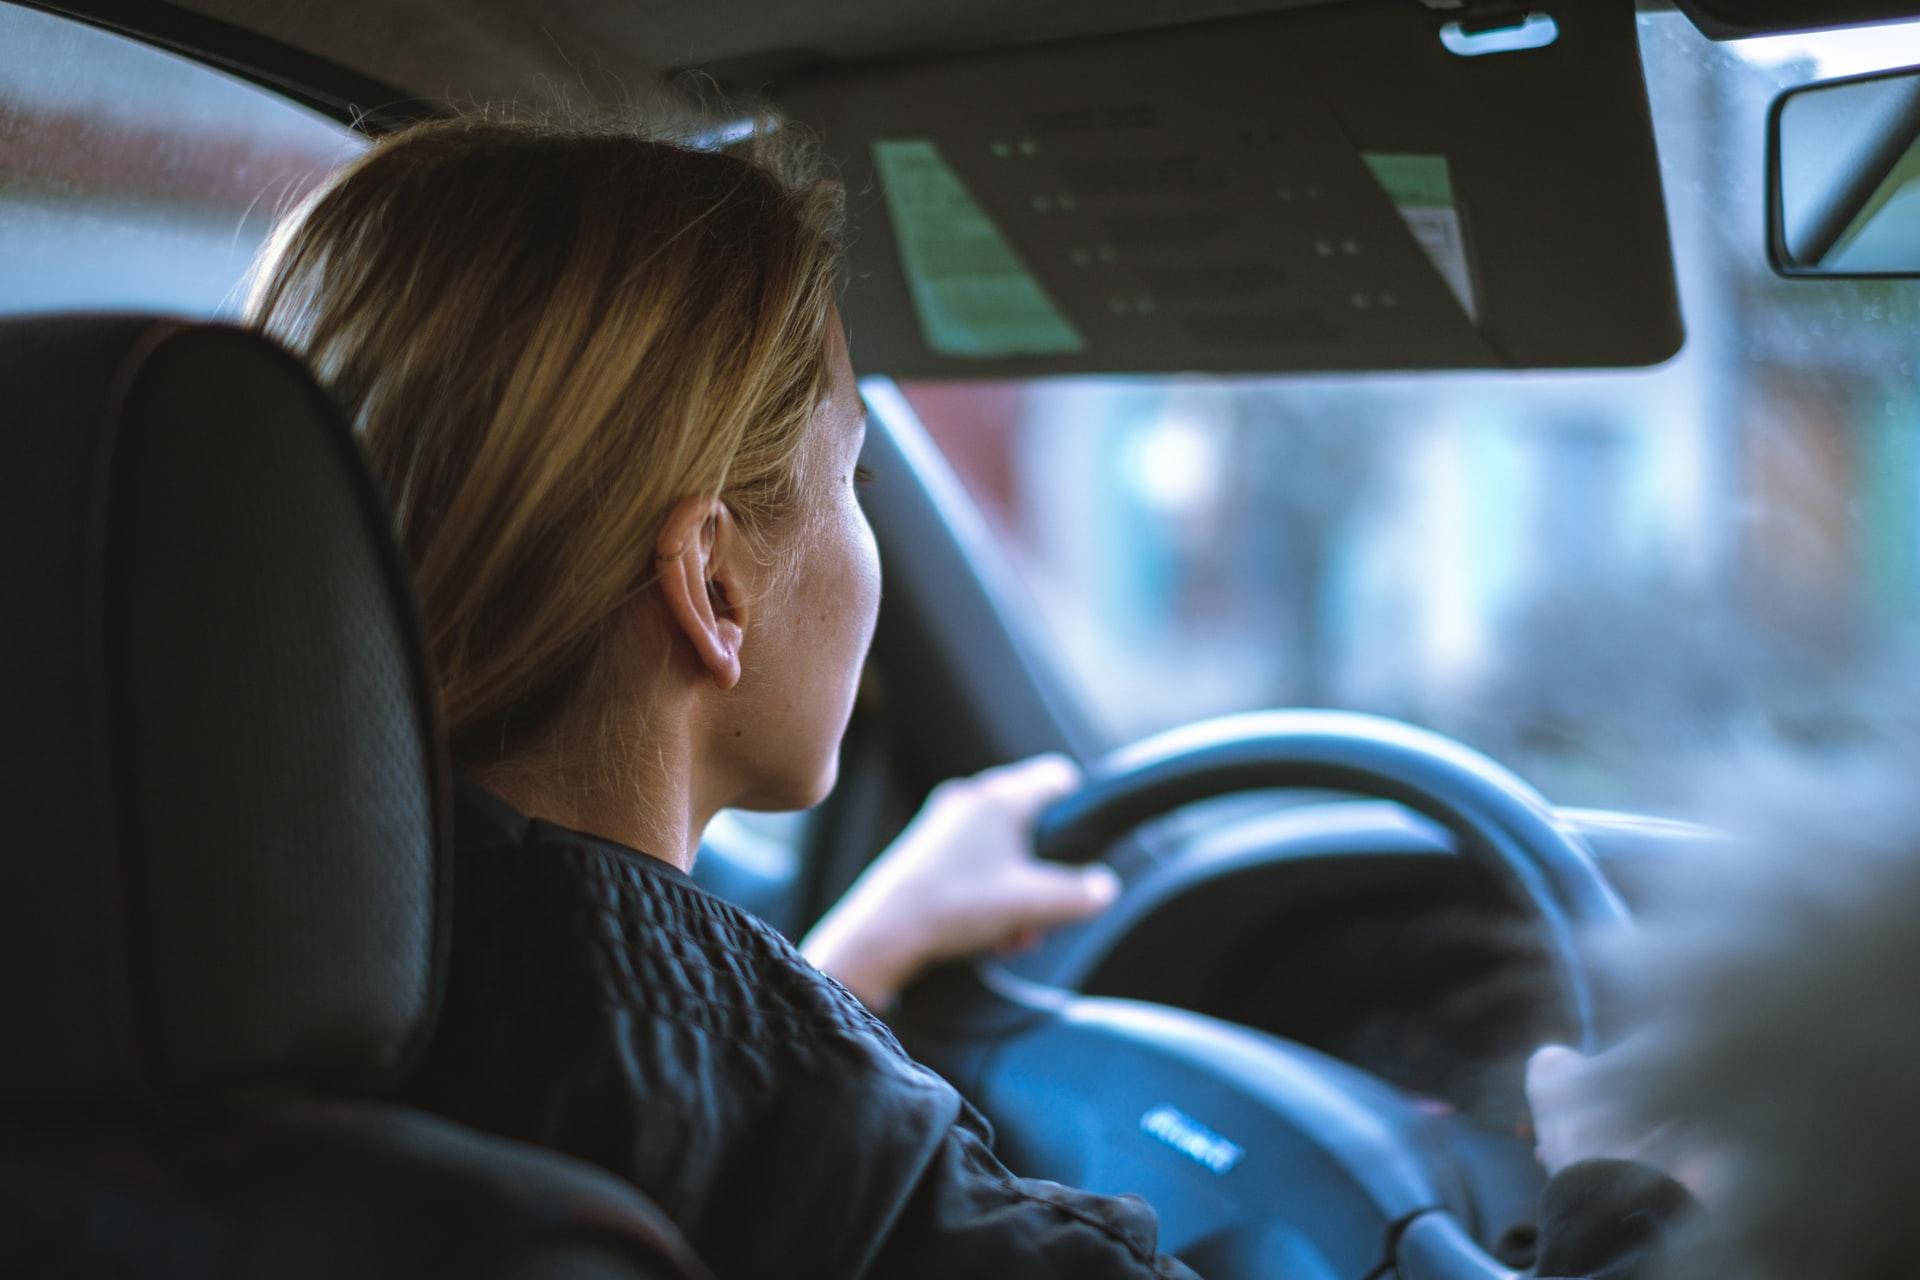 Fahrservice in Mexiko erlaubt Fahrerinnen, nur noch weibliche Passagiere mitzunehmen